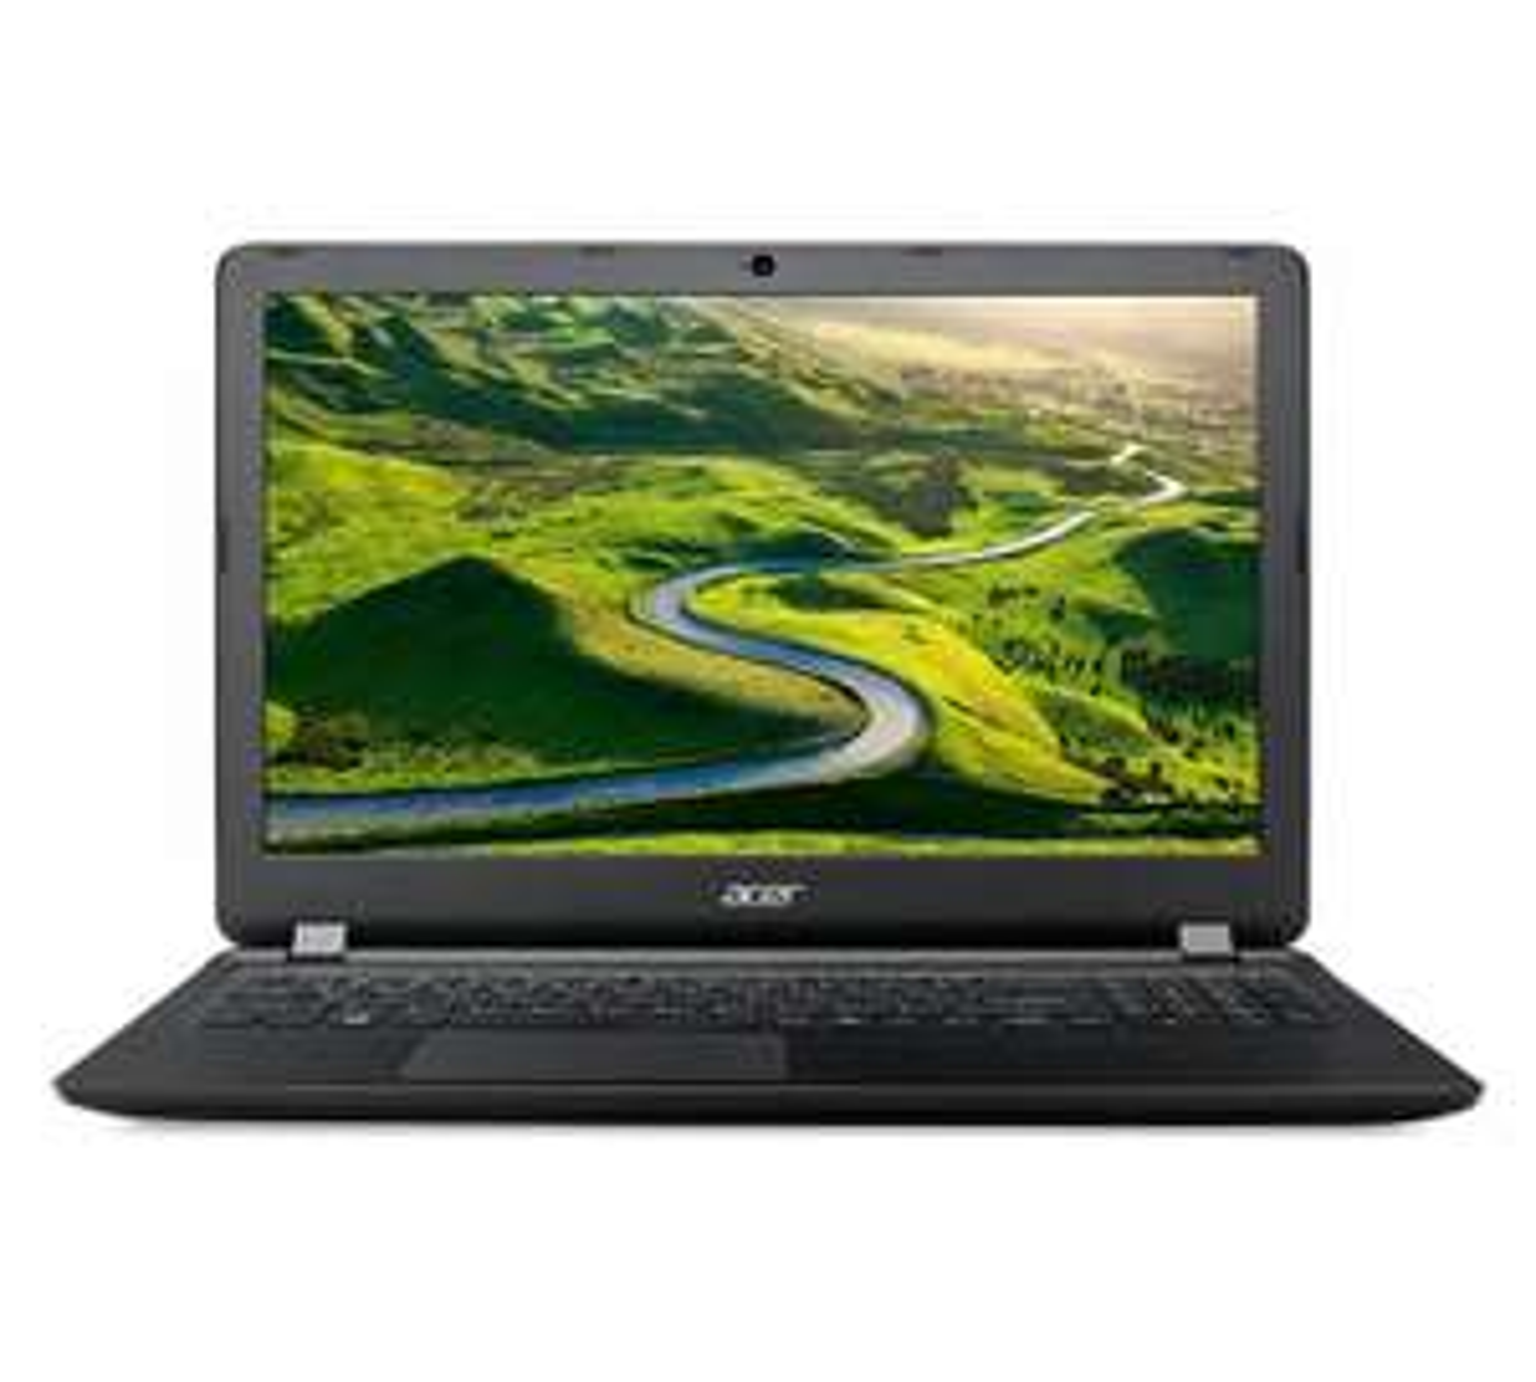 Refurbished Acer Aspire ES 15.6 Inch AMD E1 4GB 1TB Laptop £182.99 @ Argos Ebay